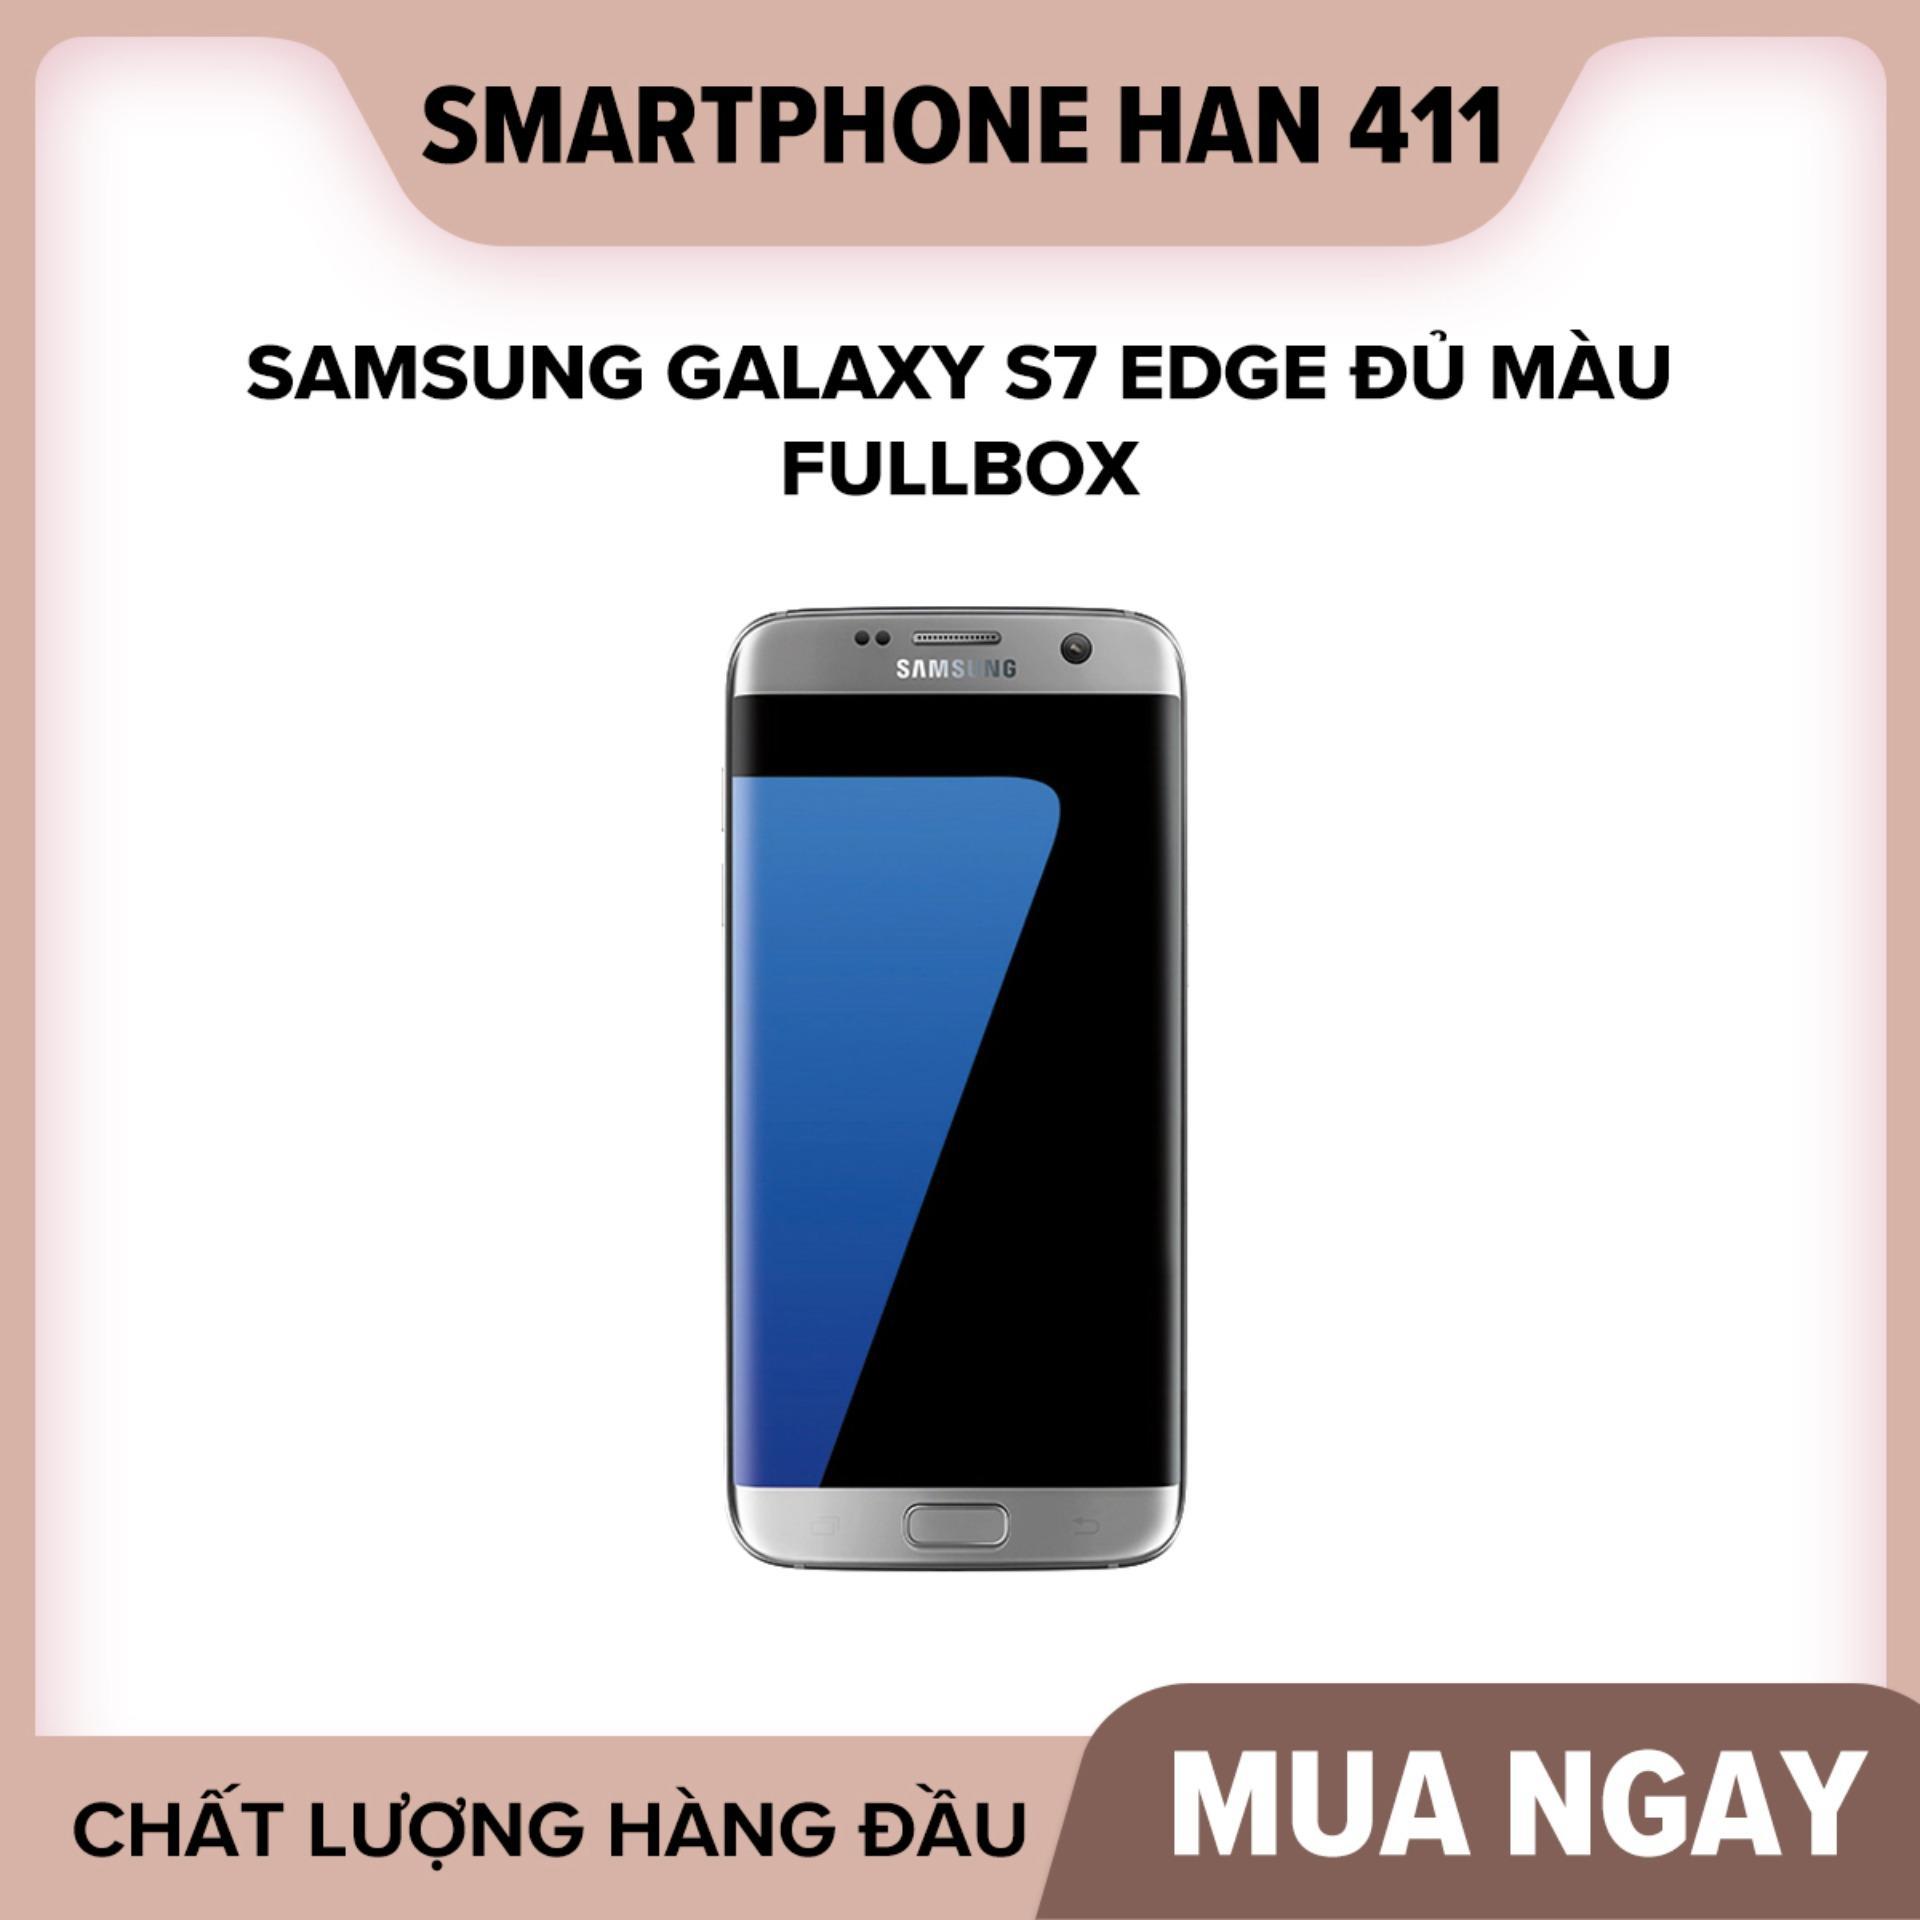 Samsung Galaxy S7 Edge Đủ Màu Fullbox Với Giá Sốc